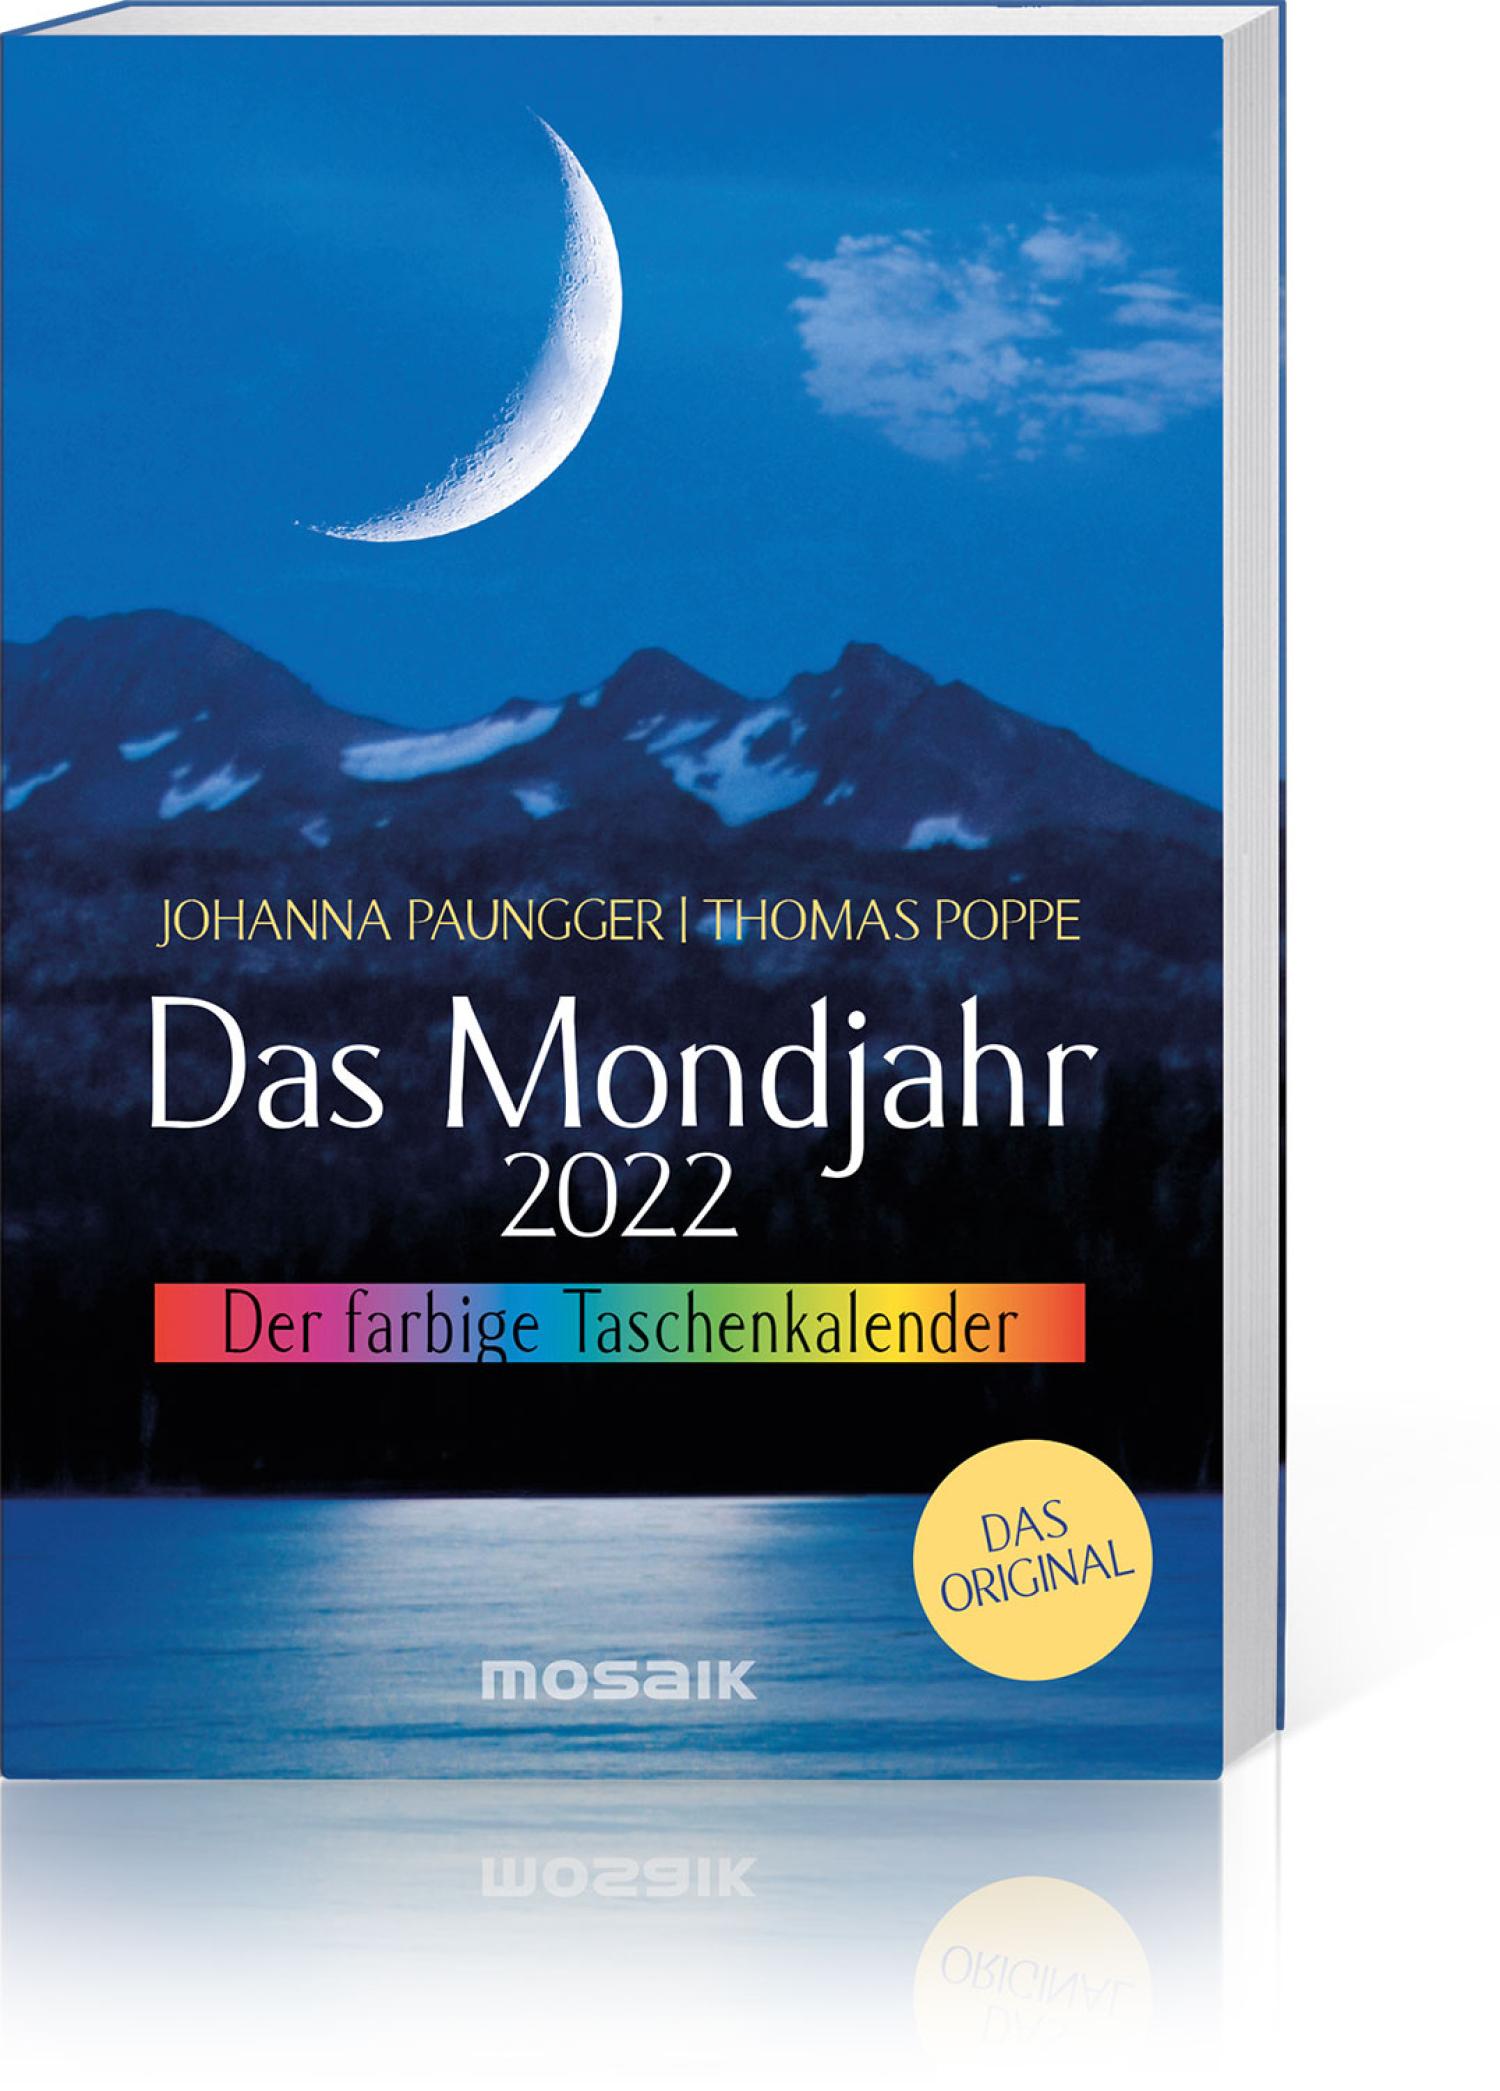 Das Mondjahr 2022 – Der farbige Taschenkalender, Produktbild 1